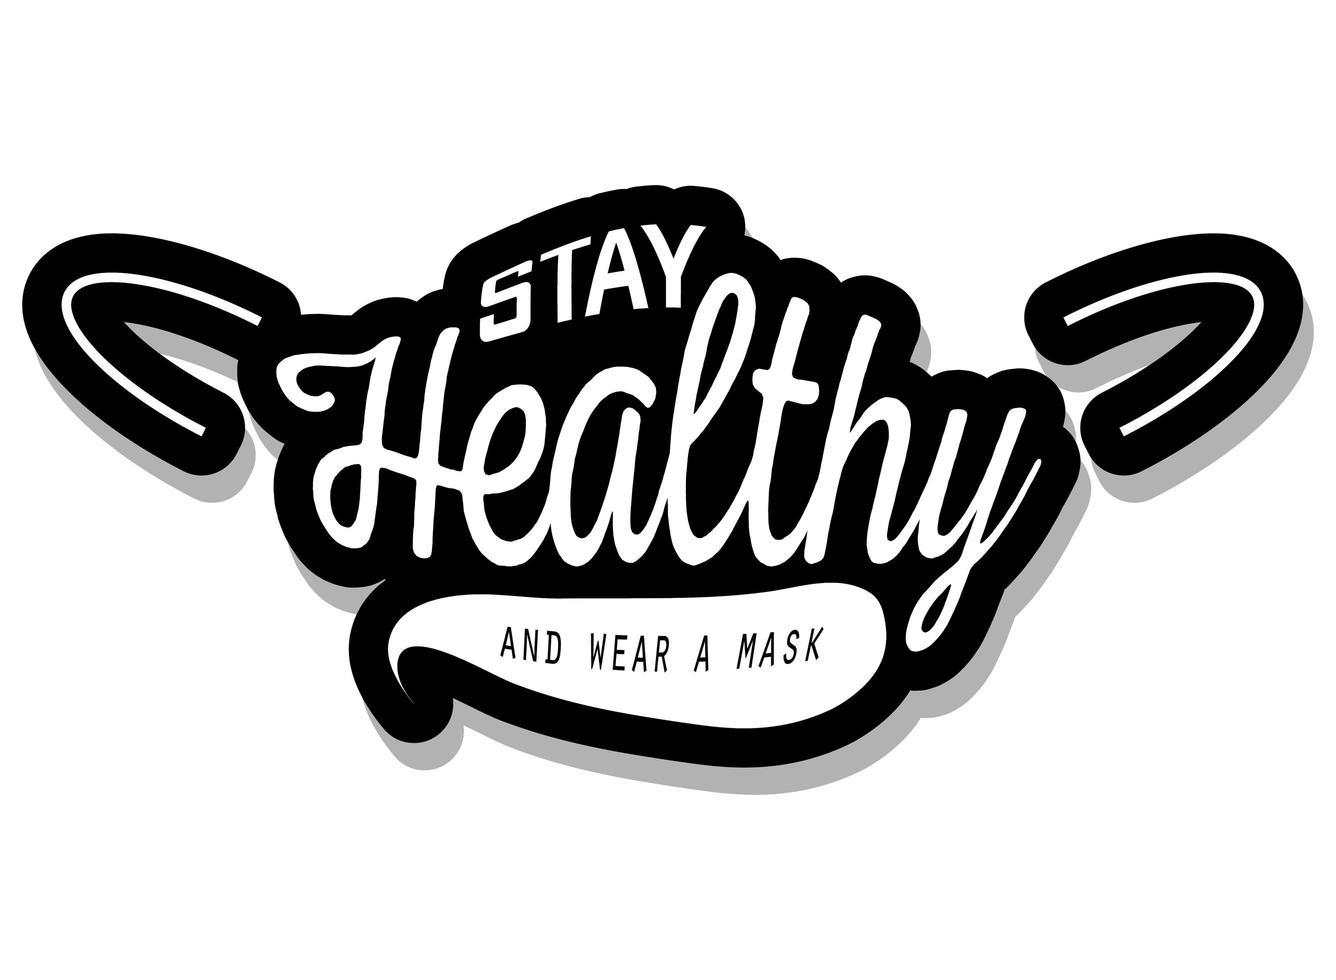 mantente saludable y usa una mascarilla vector